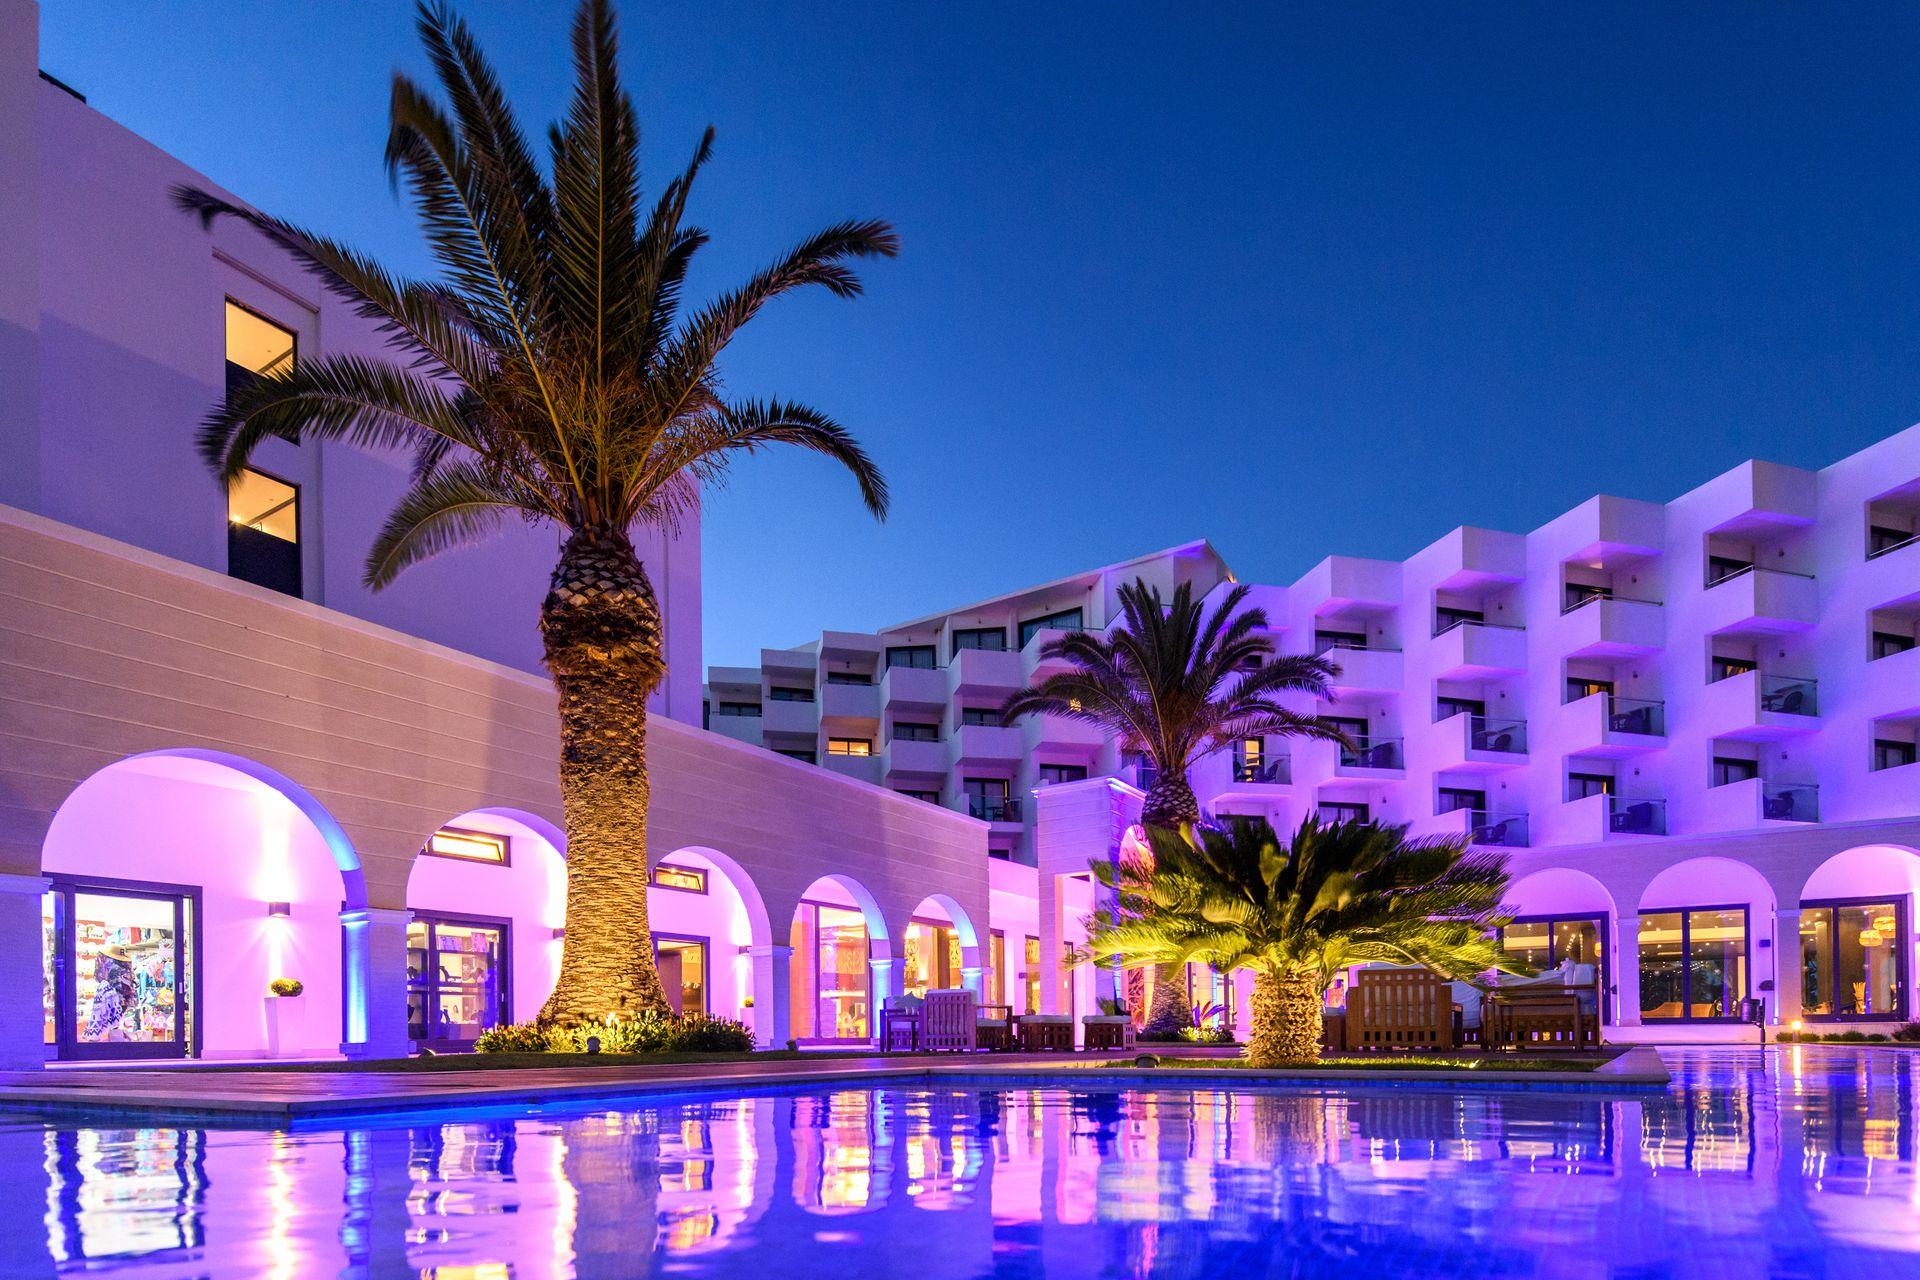 About Mitsis Faliraki Beach Hotel & Spa